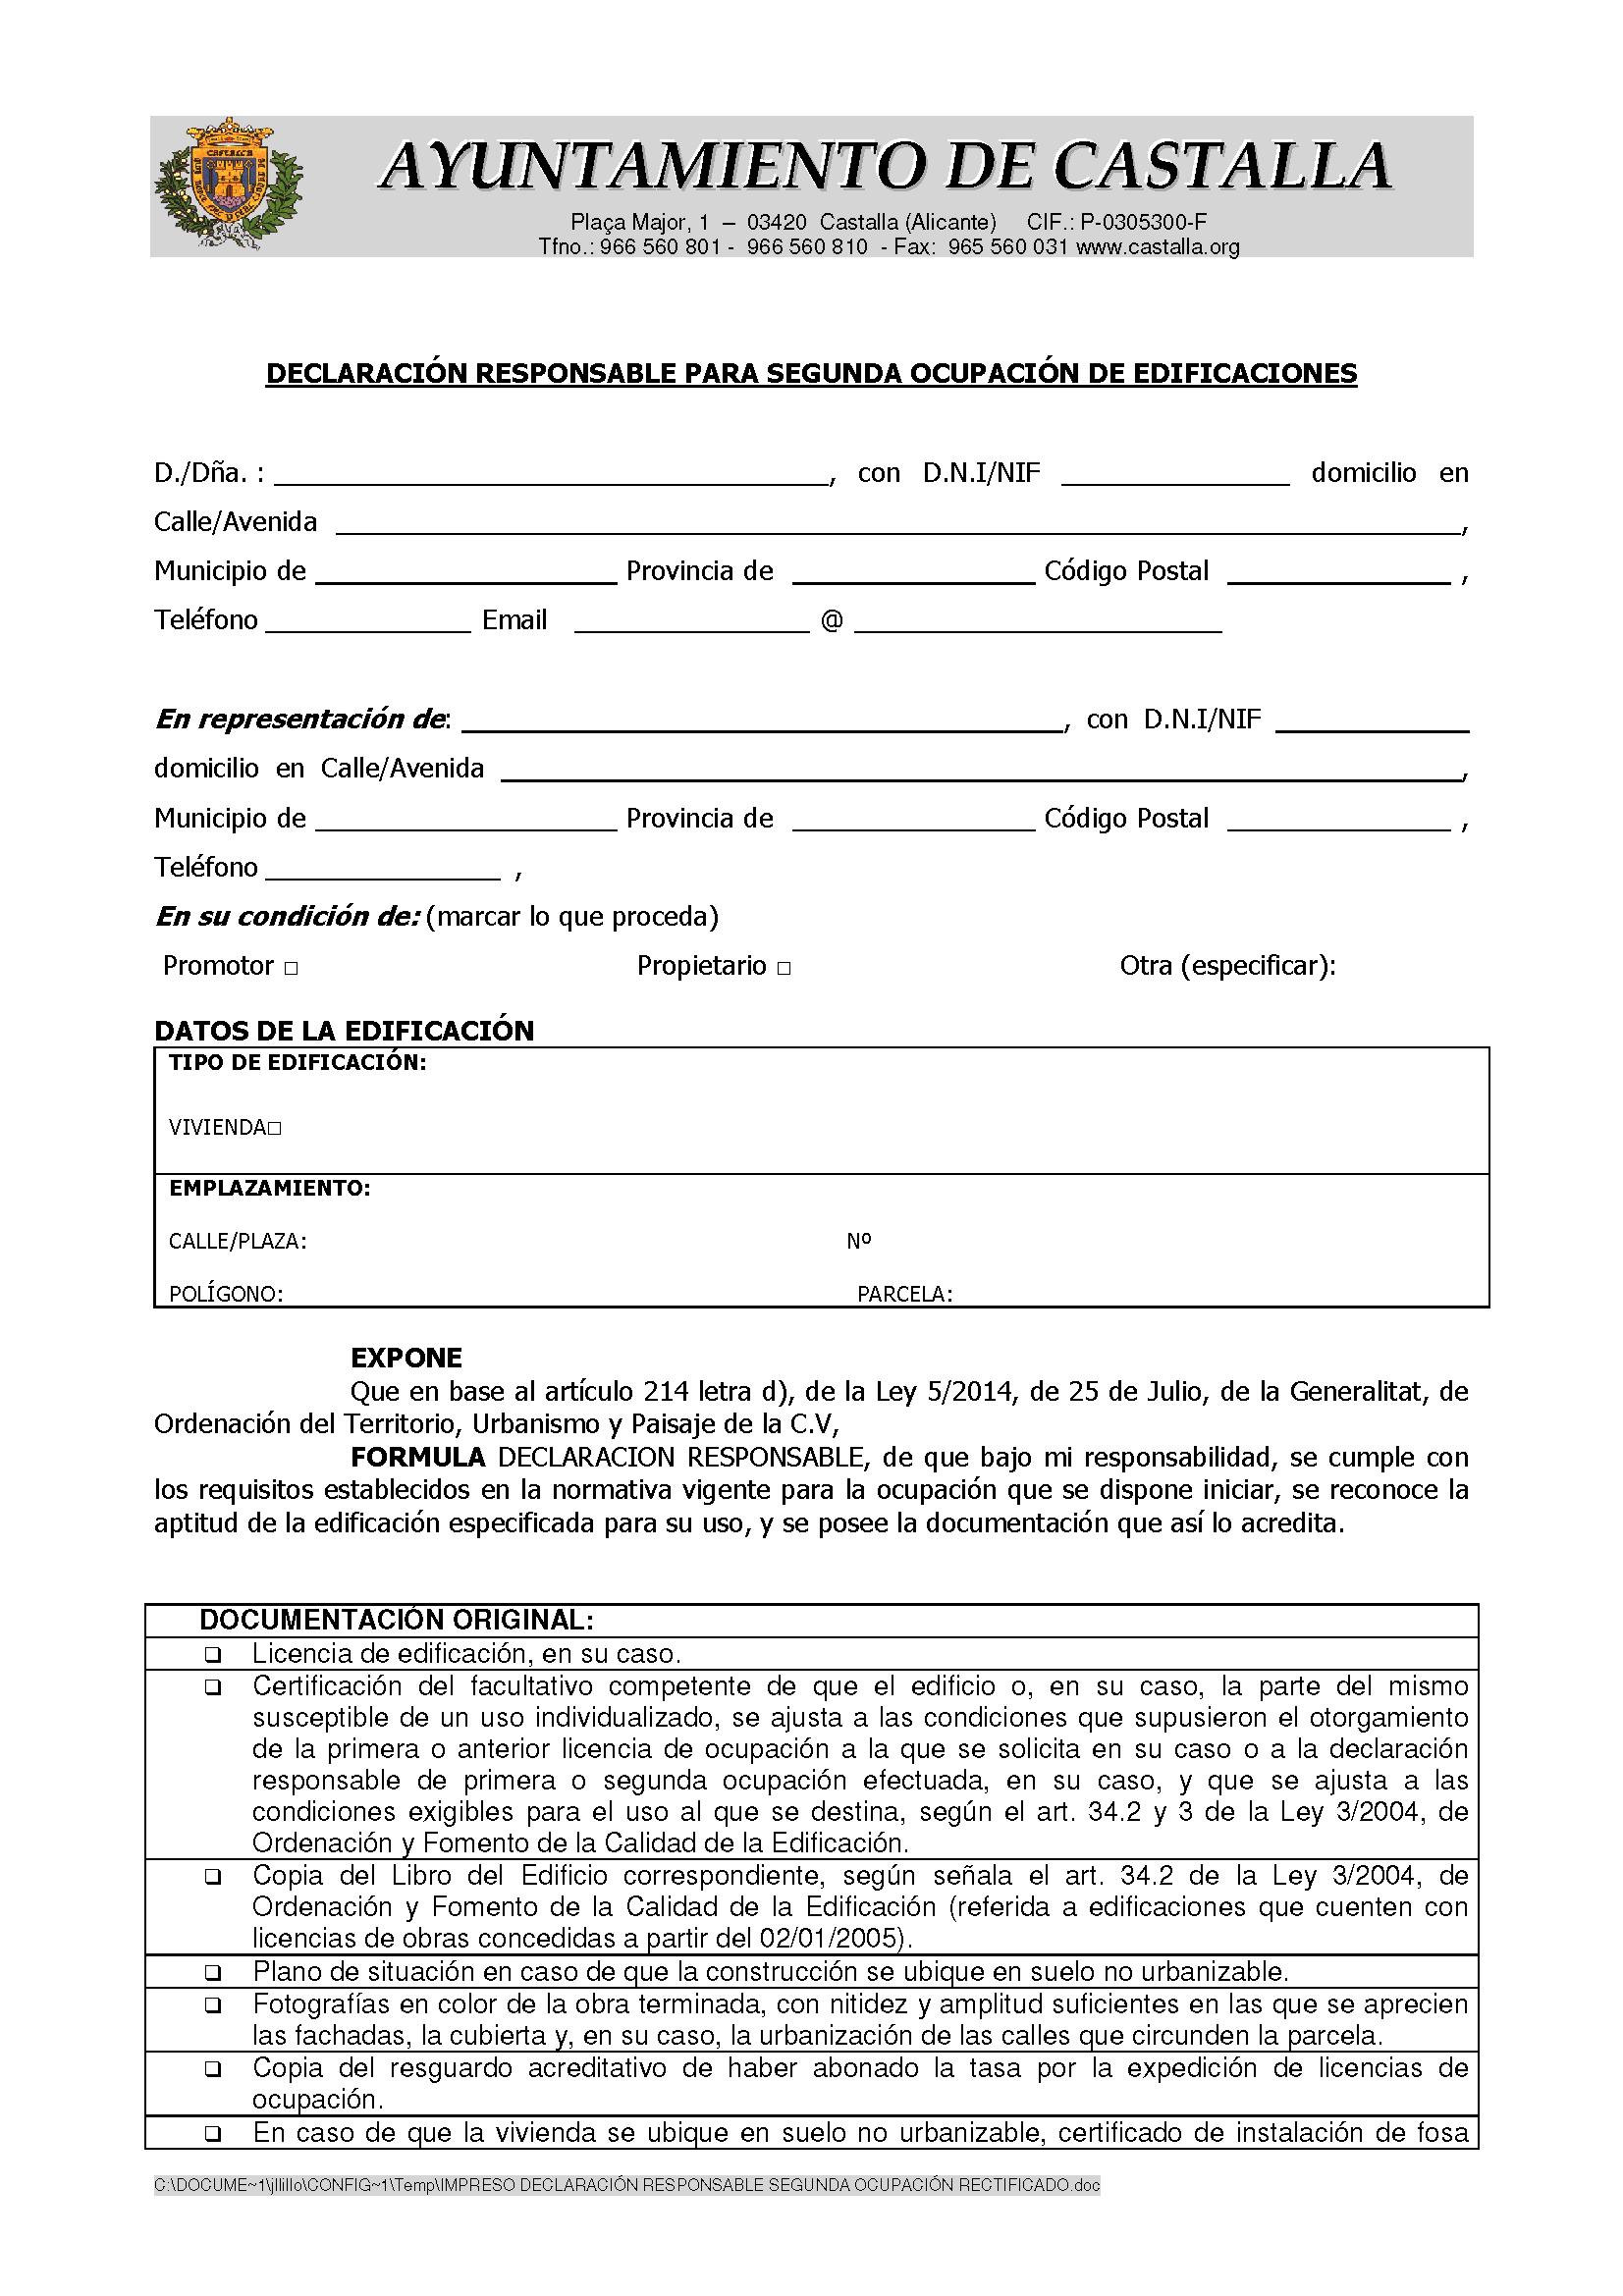 Impreso Declaración Responsable Segunda Ocupación Castalla